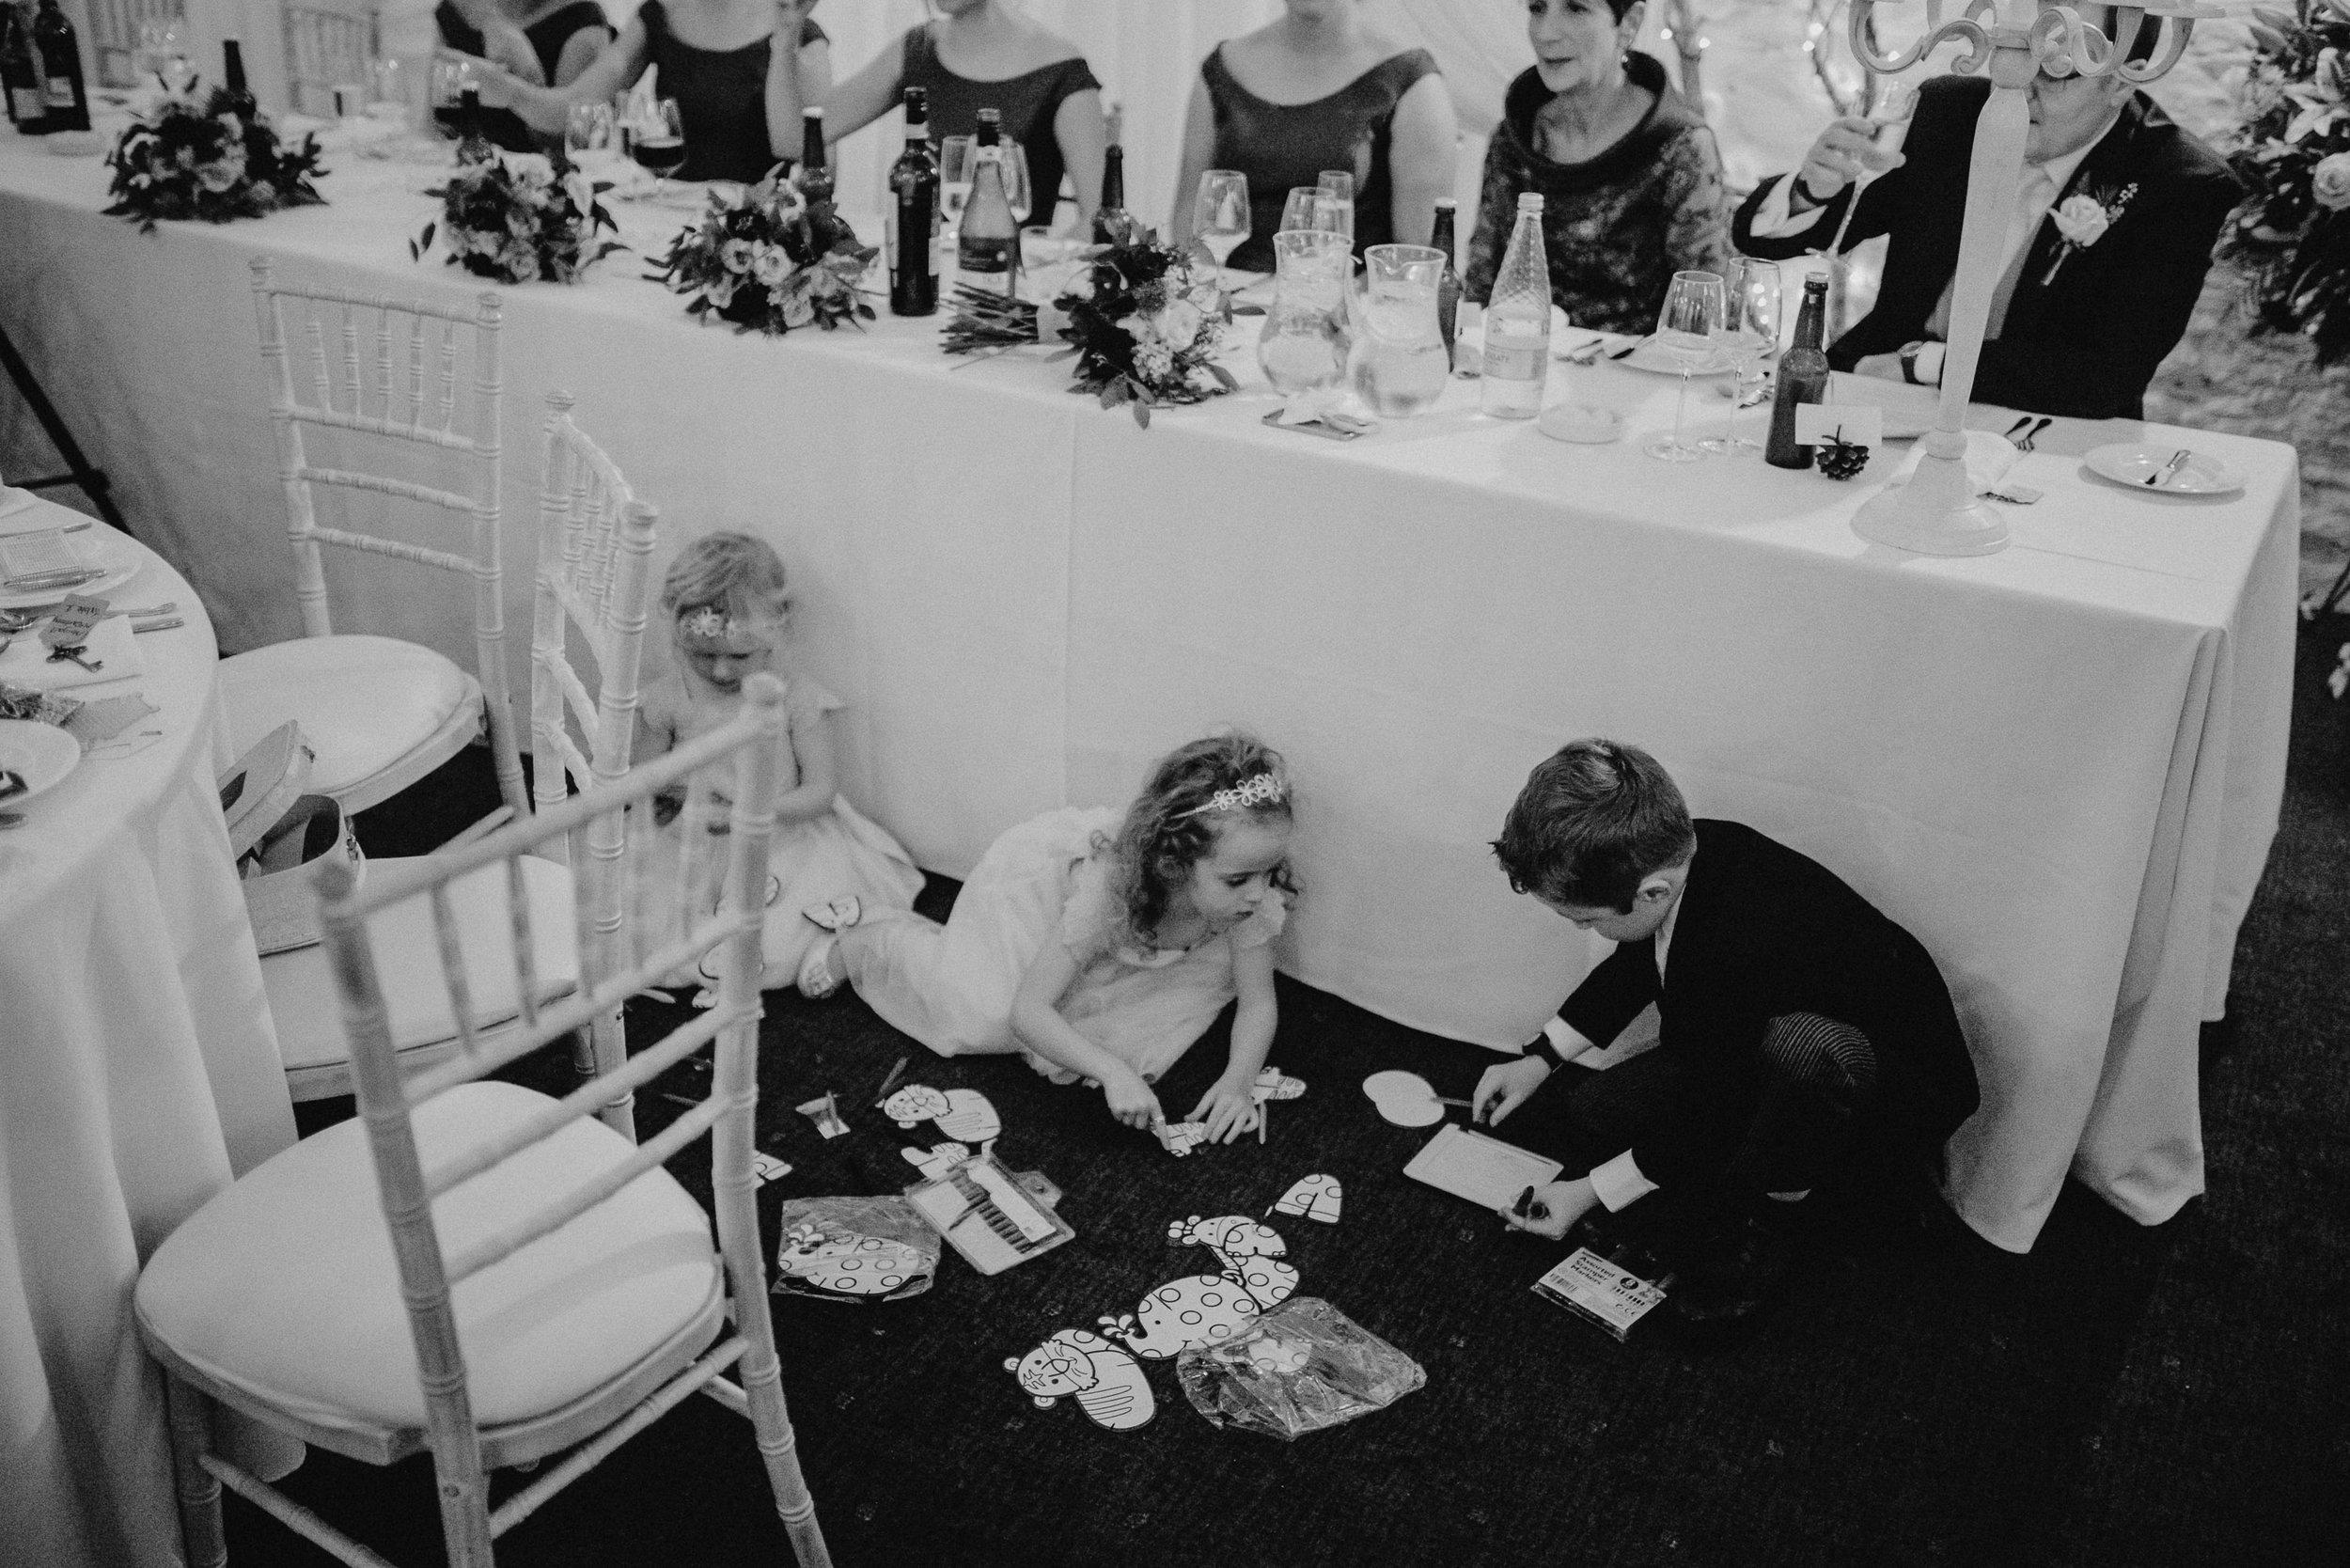 larchfield estate wedding photos-131.jpg